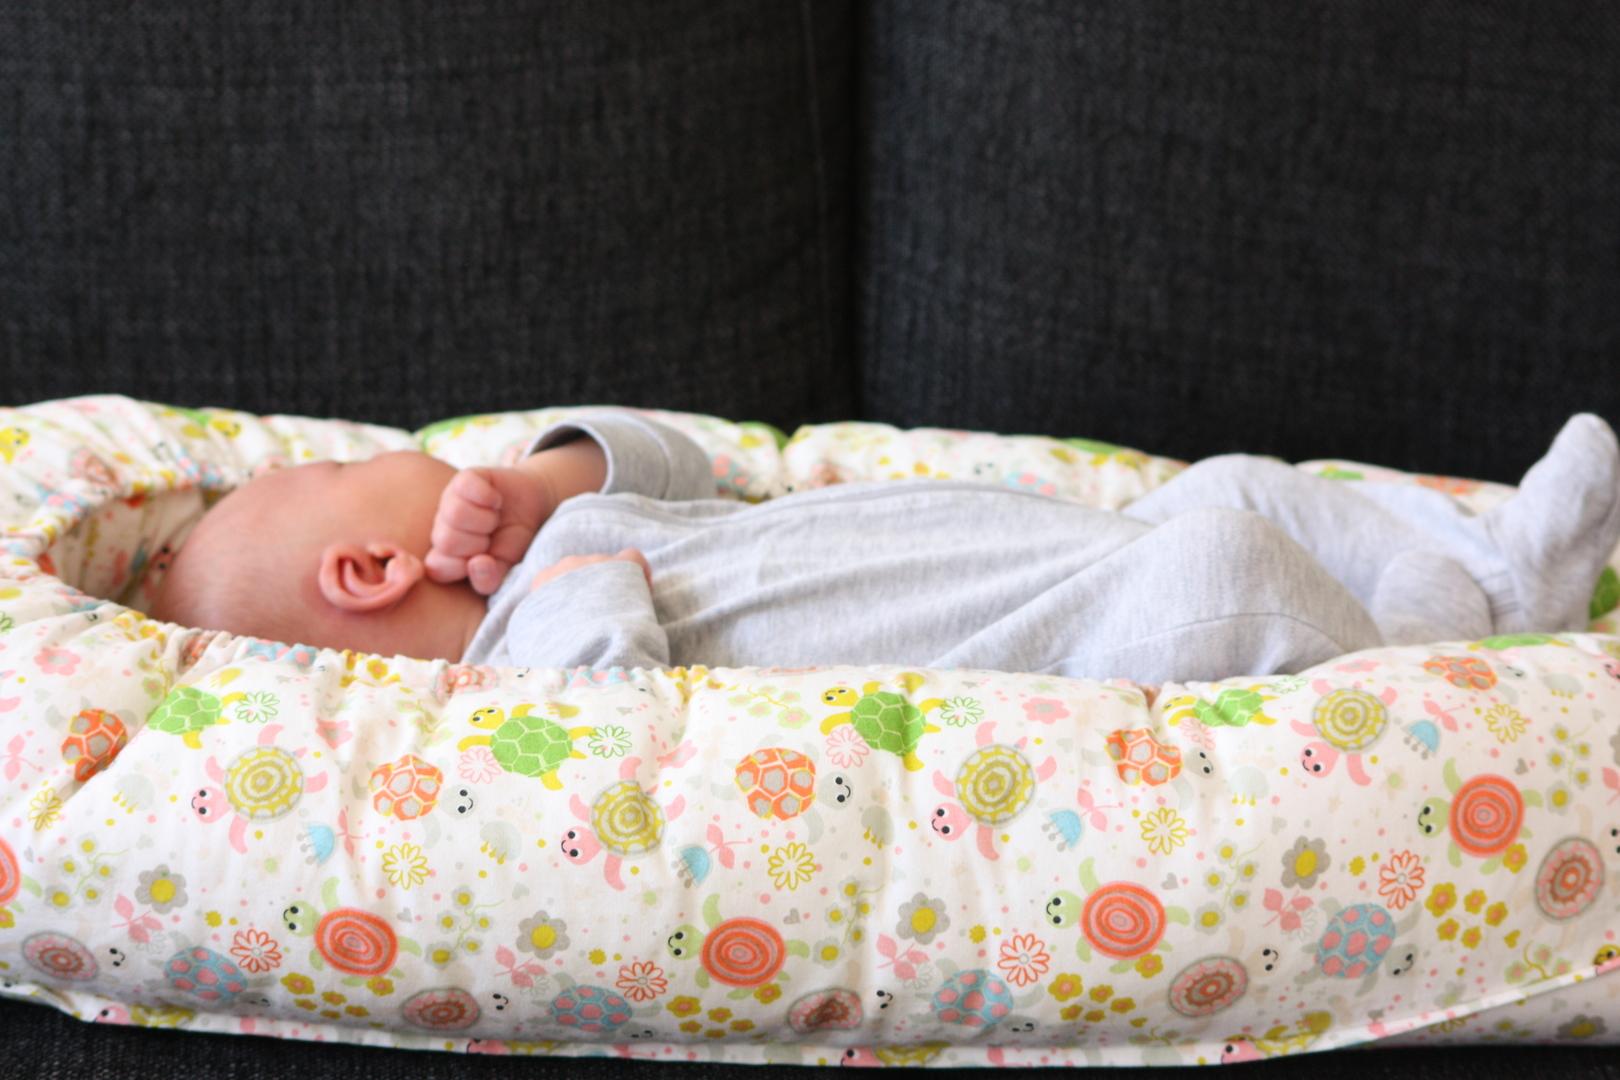 vad behövs till en nyfödd